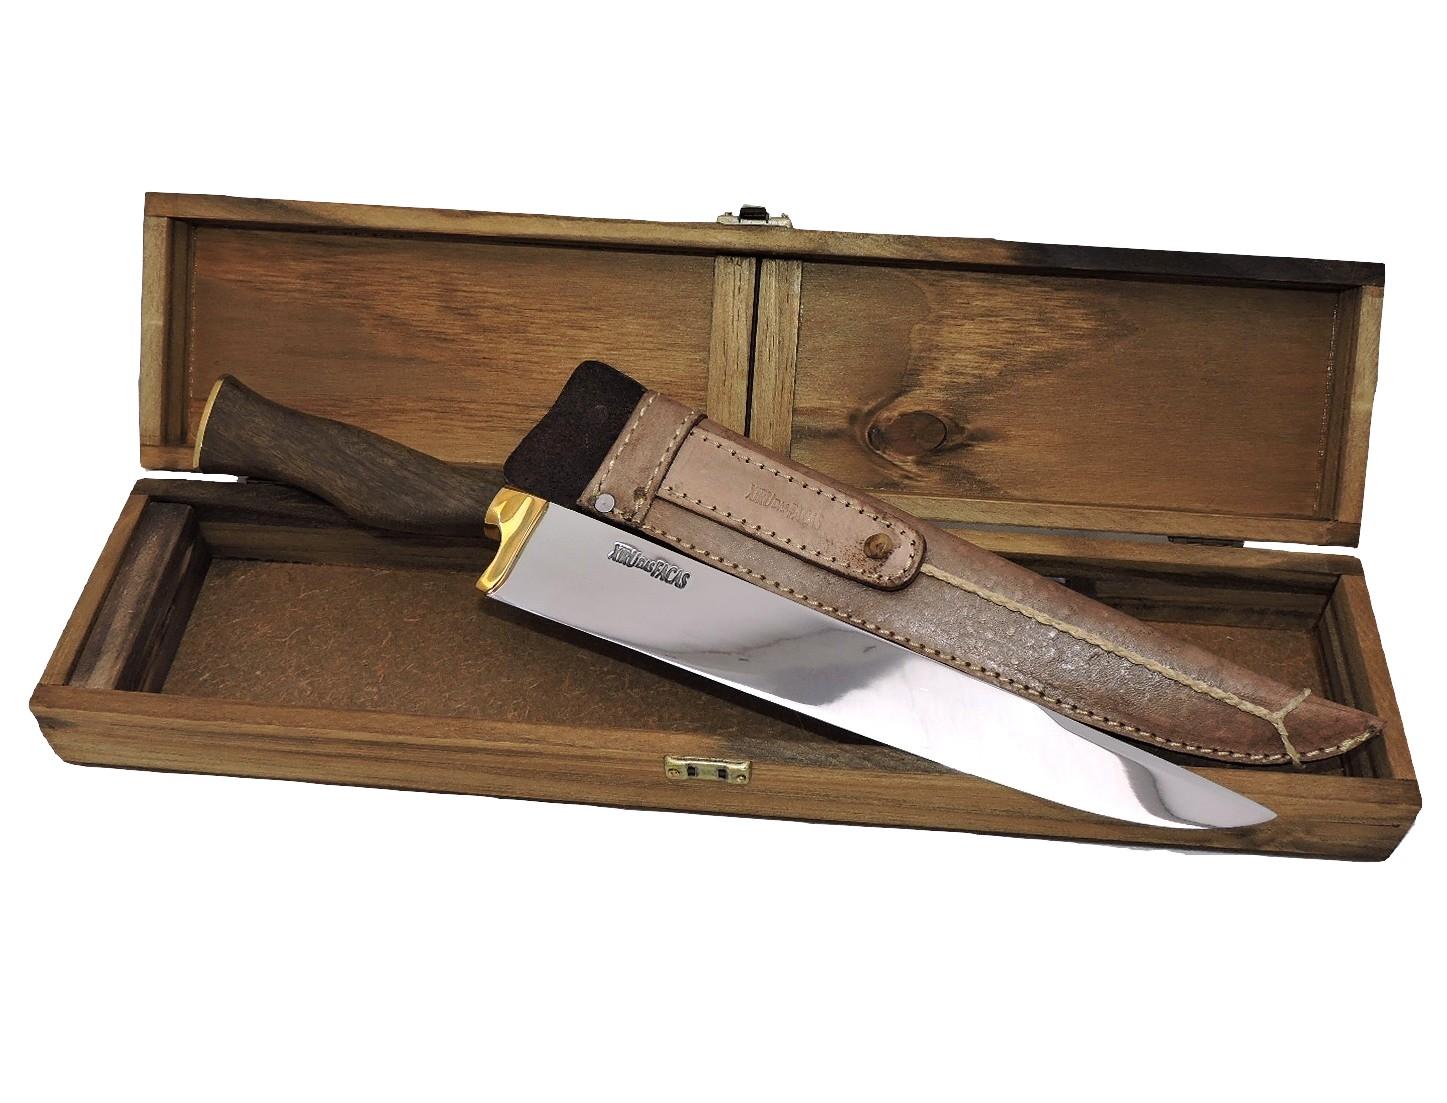 faca-especial-para-churrasco-10-pol.-c-cx.-madeira-2-.jpg